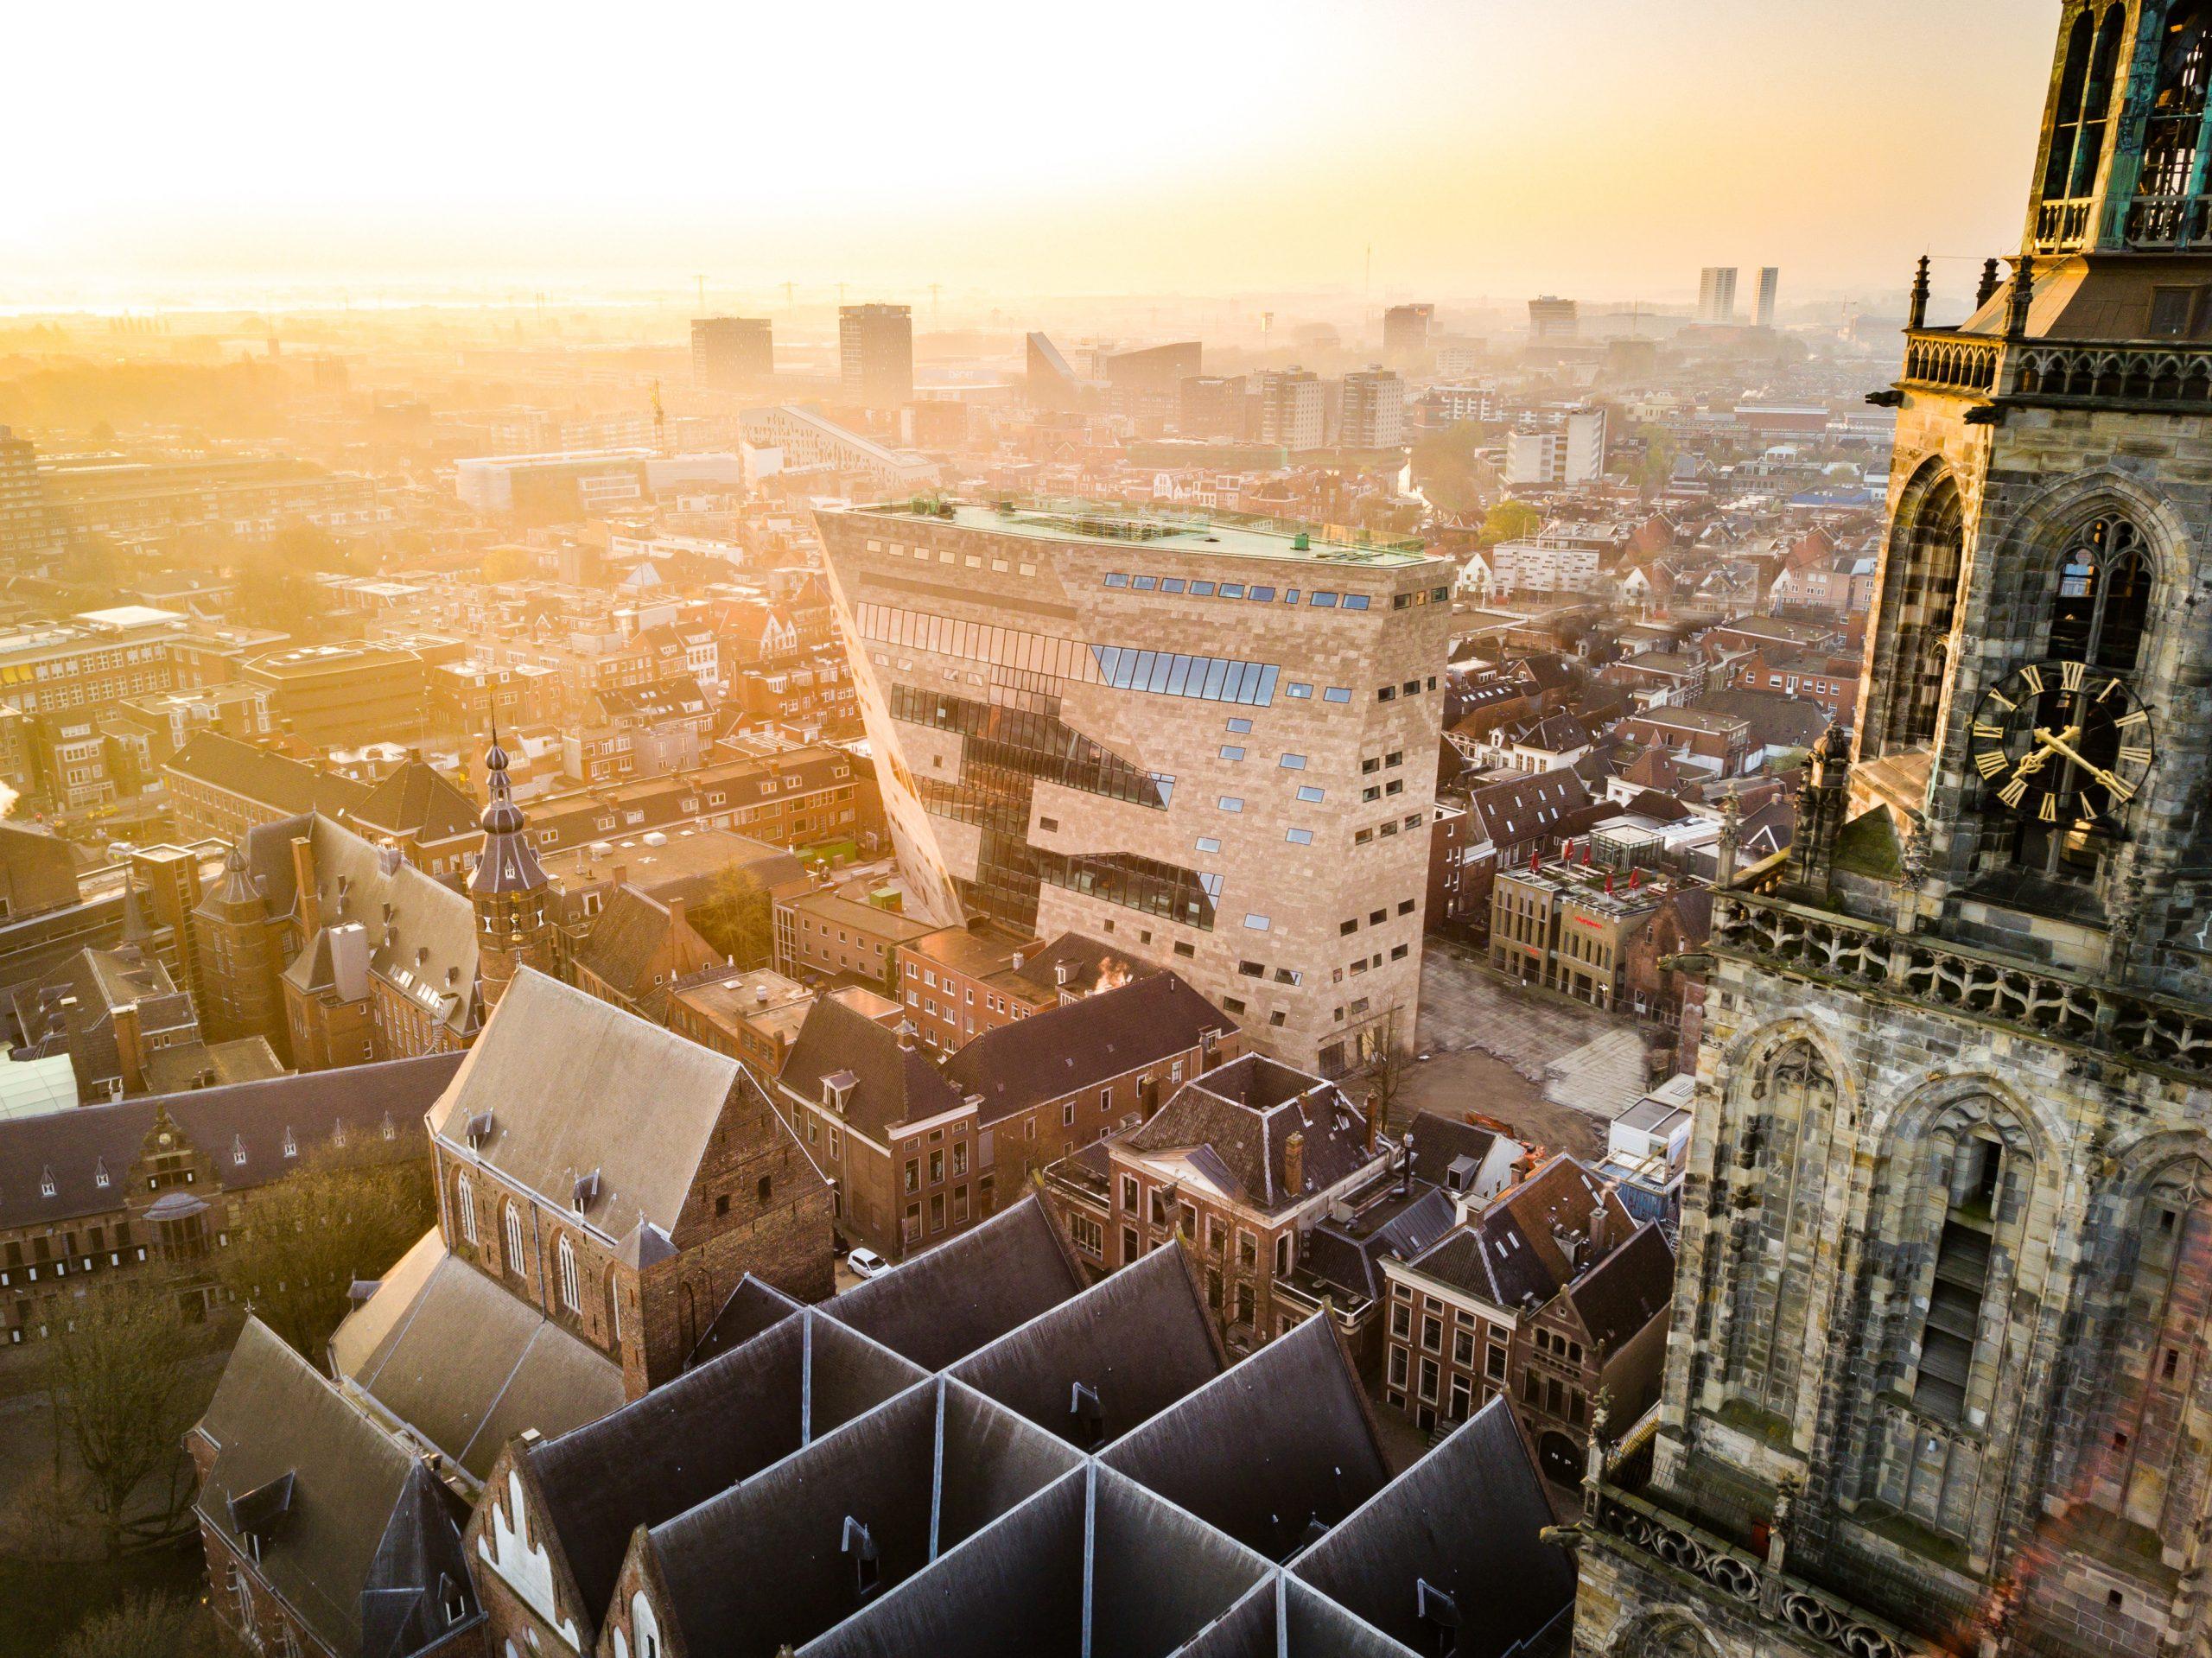 Forum Unieke foto's van de Stad Groningen in hoge resolutie - © Done by Deon